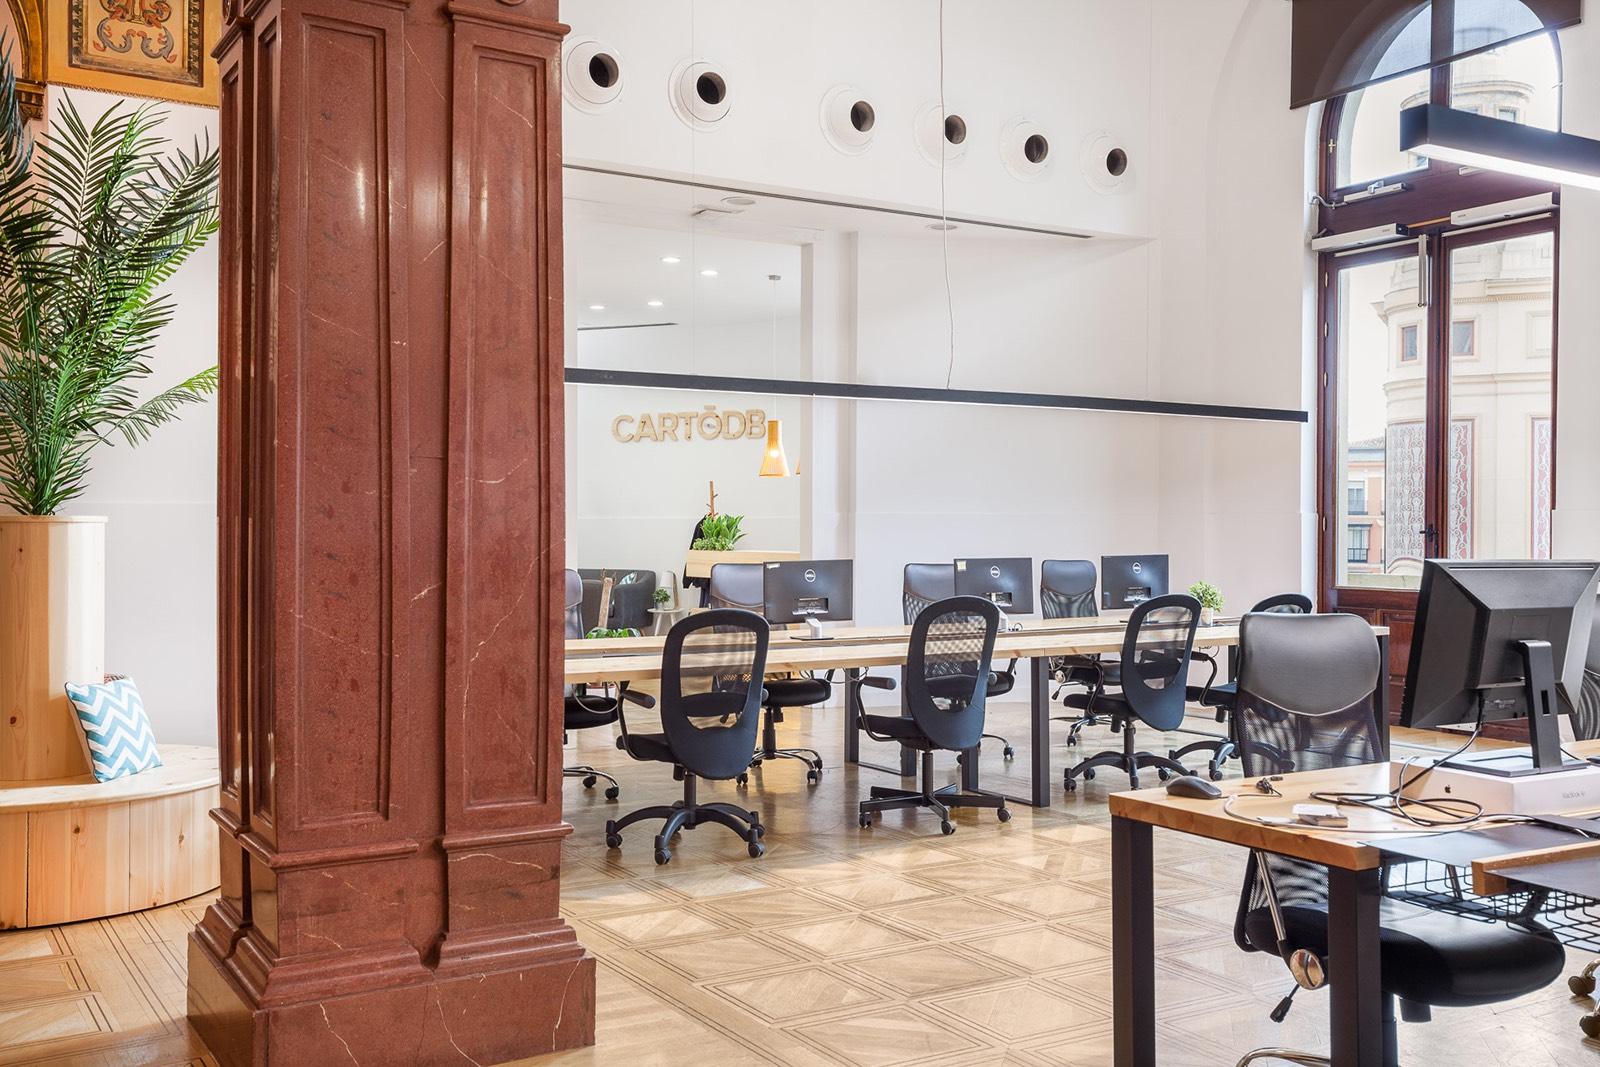 carto-db-office-3